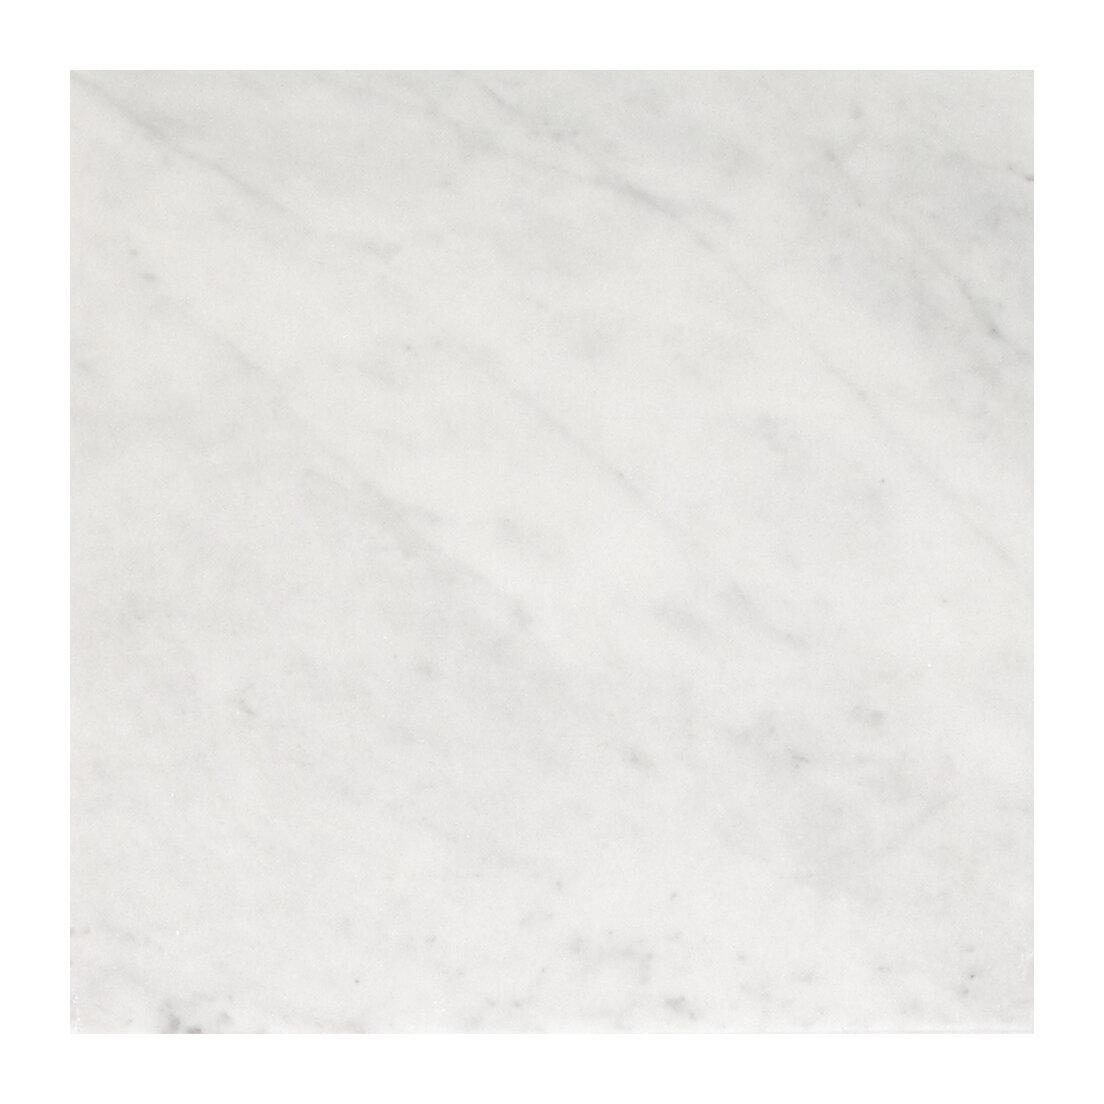 12 X 12 Floor Tile Floor Tiles Wall Tiles You Ll Love In 2021 Wayfair